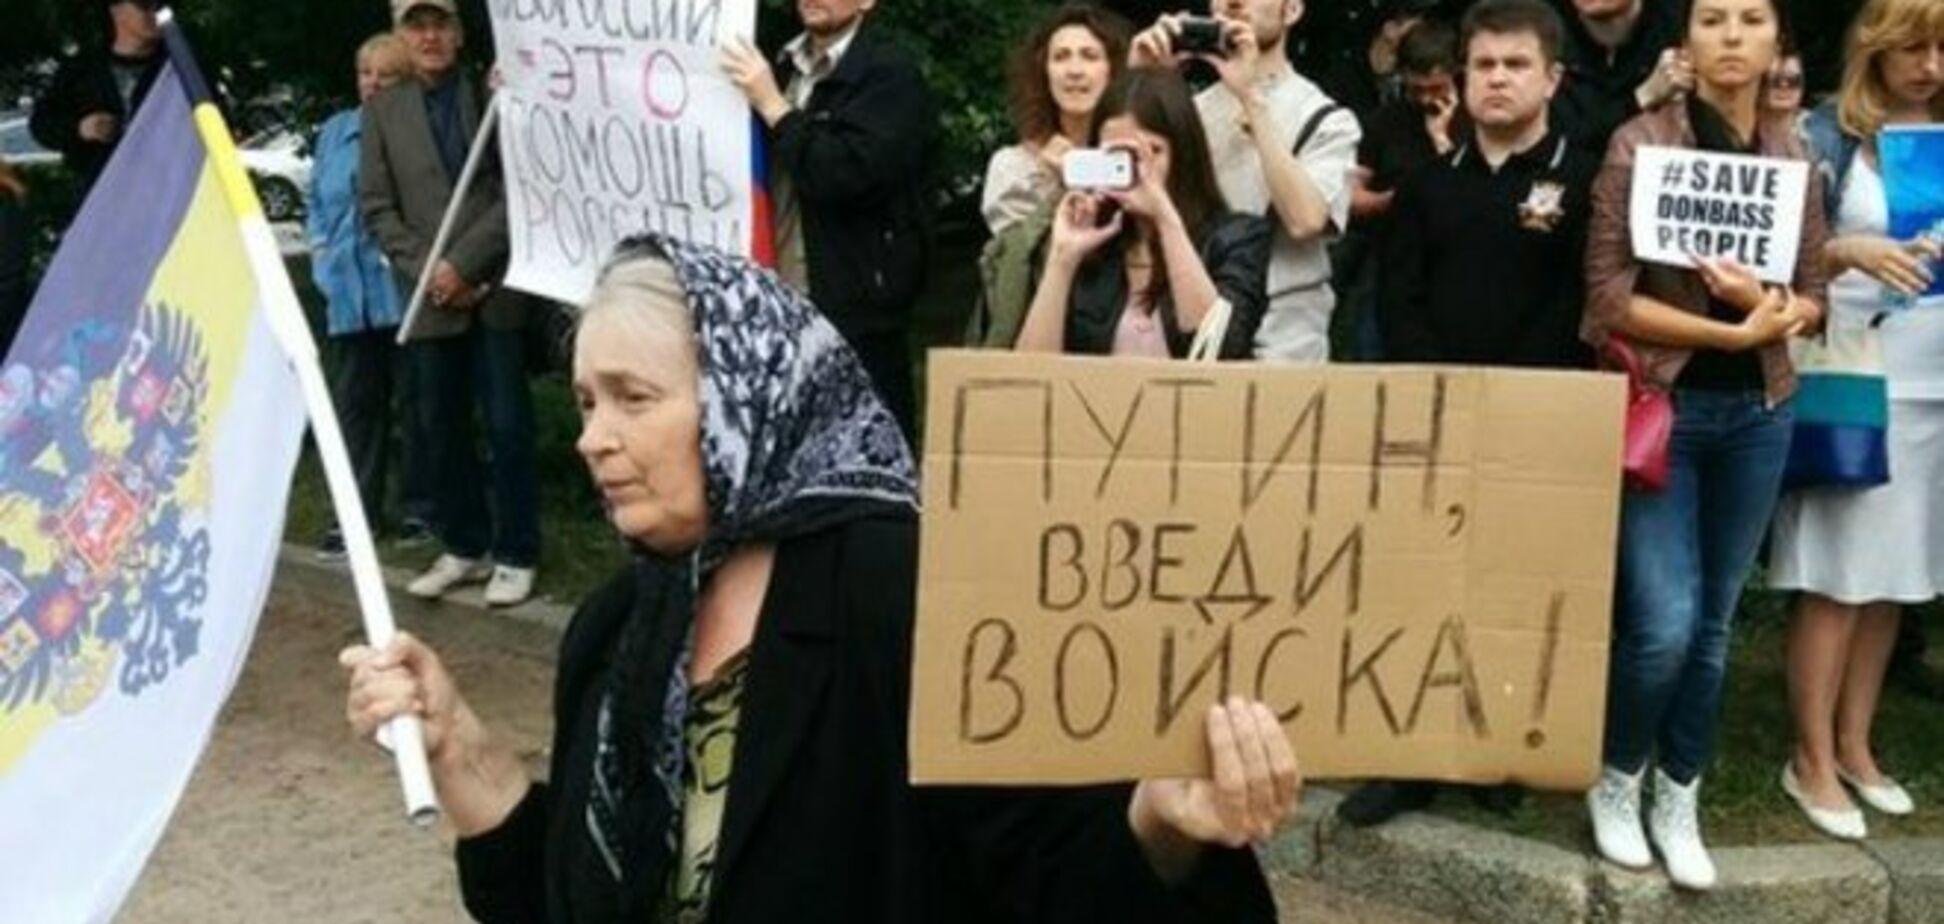 Экс-глава разведки назвал сценарии Кремля: 'бескровный захват' Украины и Янукович при власти